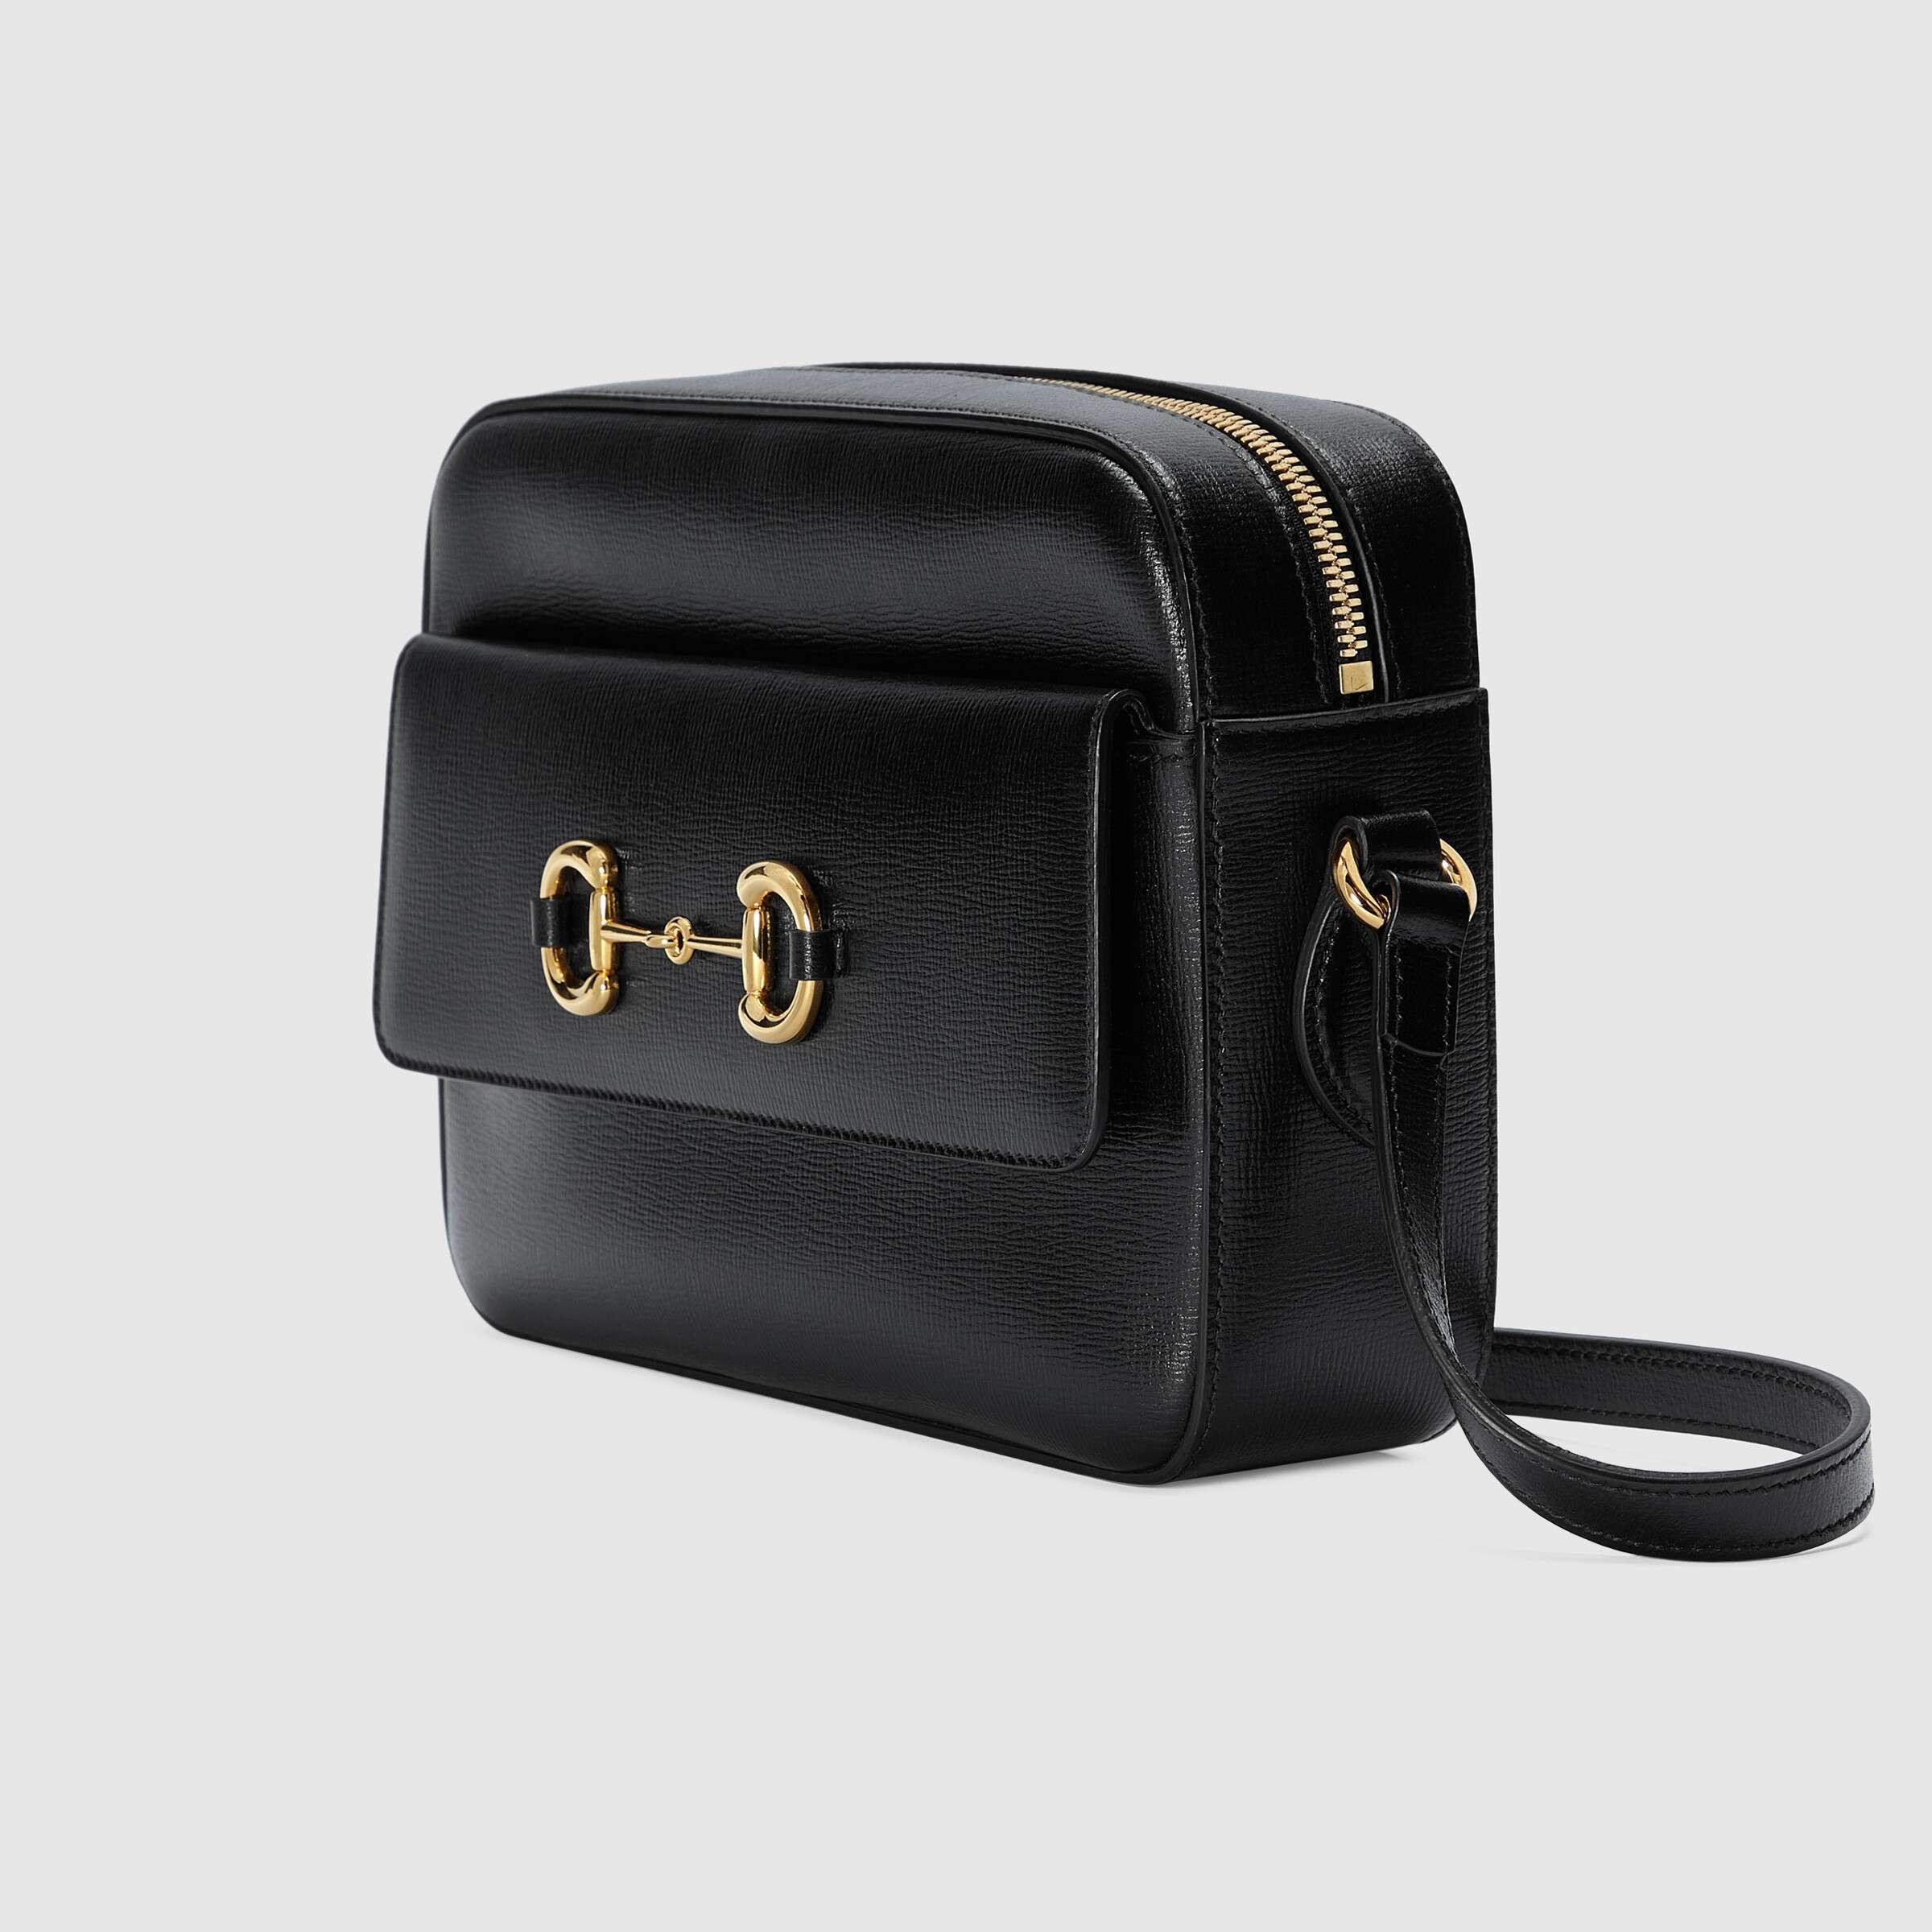 유럽직배송 구찌 GUCCI Gucci - Gucci Horsebit 1955 small shoulder bag 6454541DB0G1000